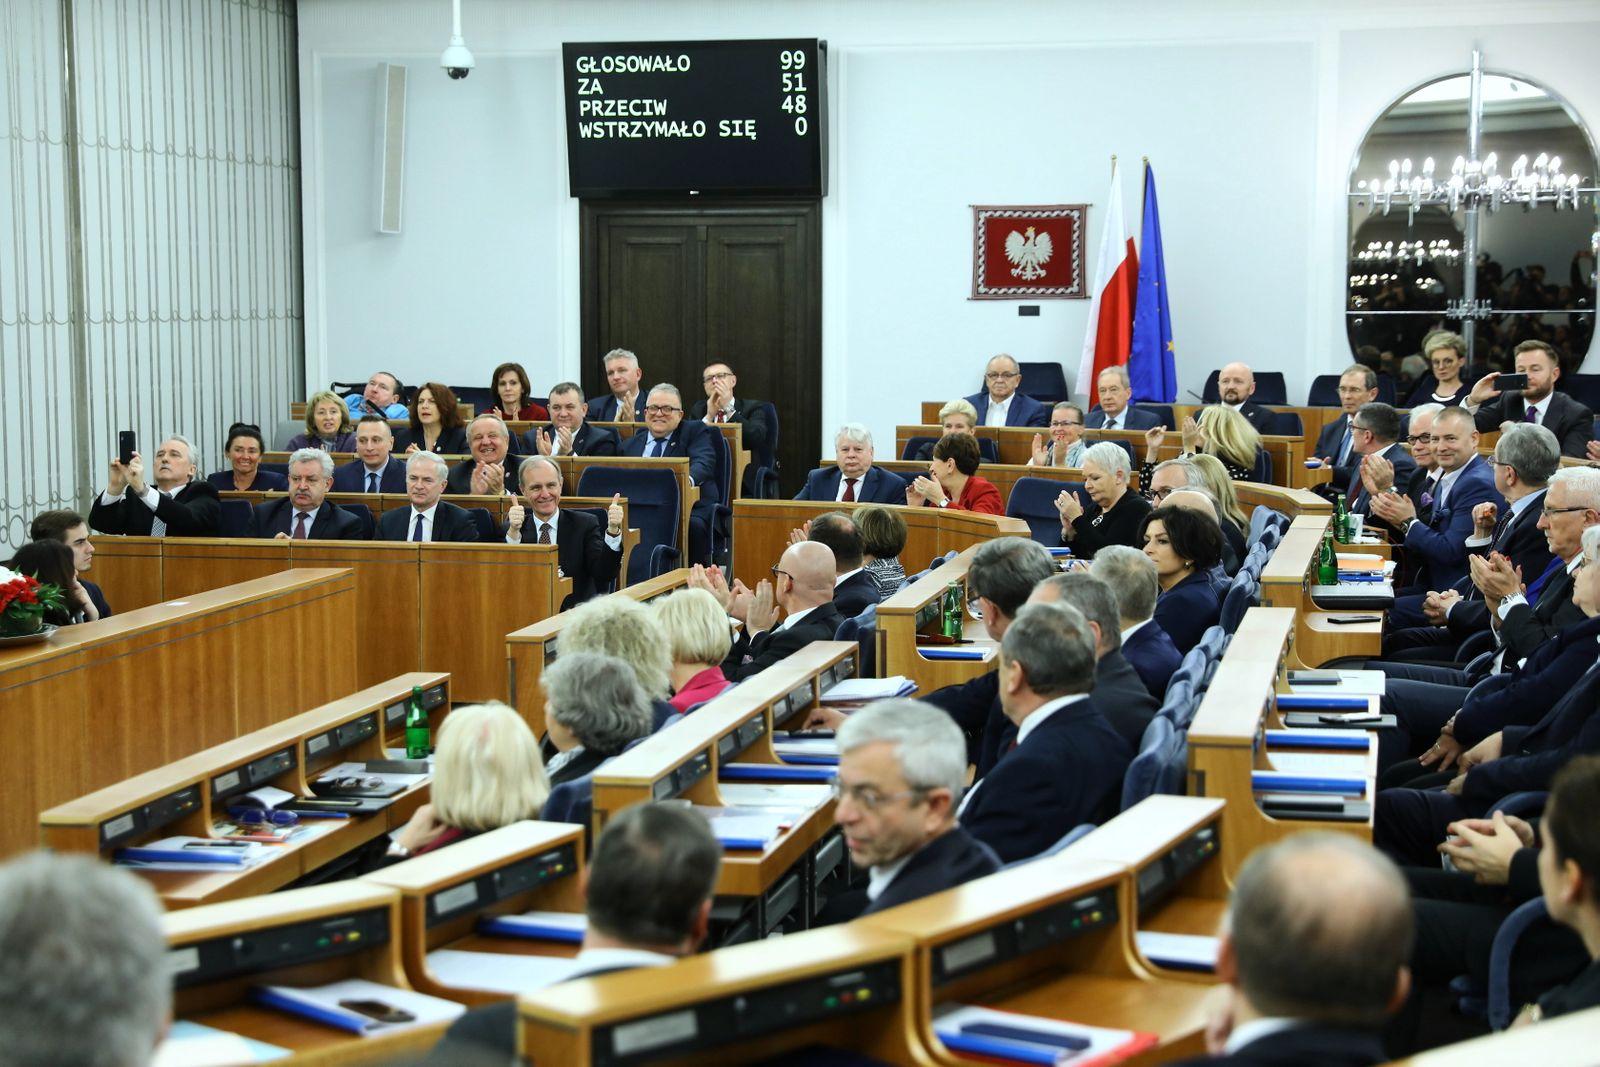 Senators vote on new judiciary bill, Warsaw, Poland - 17 Jan 2020